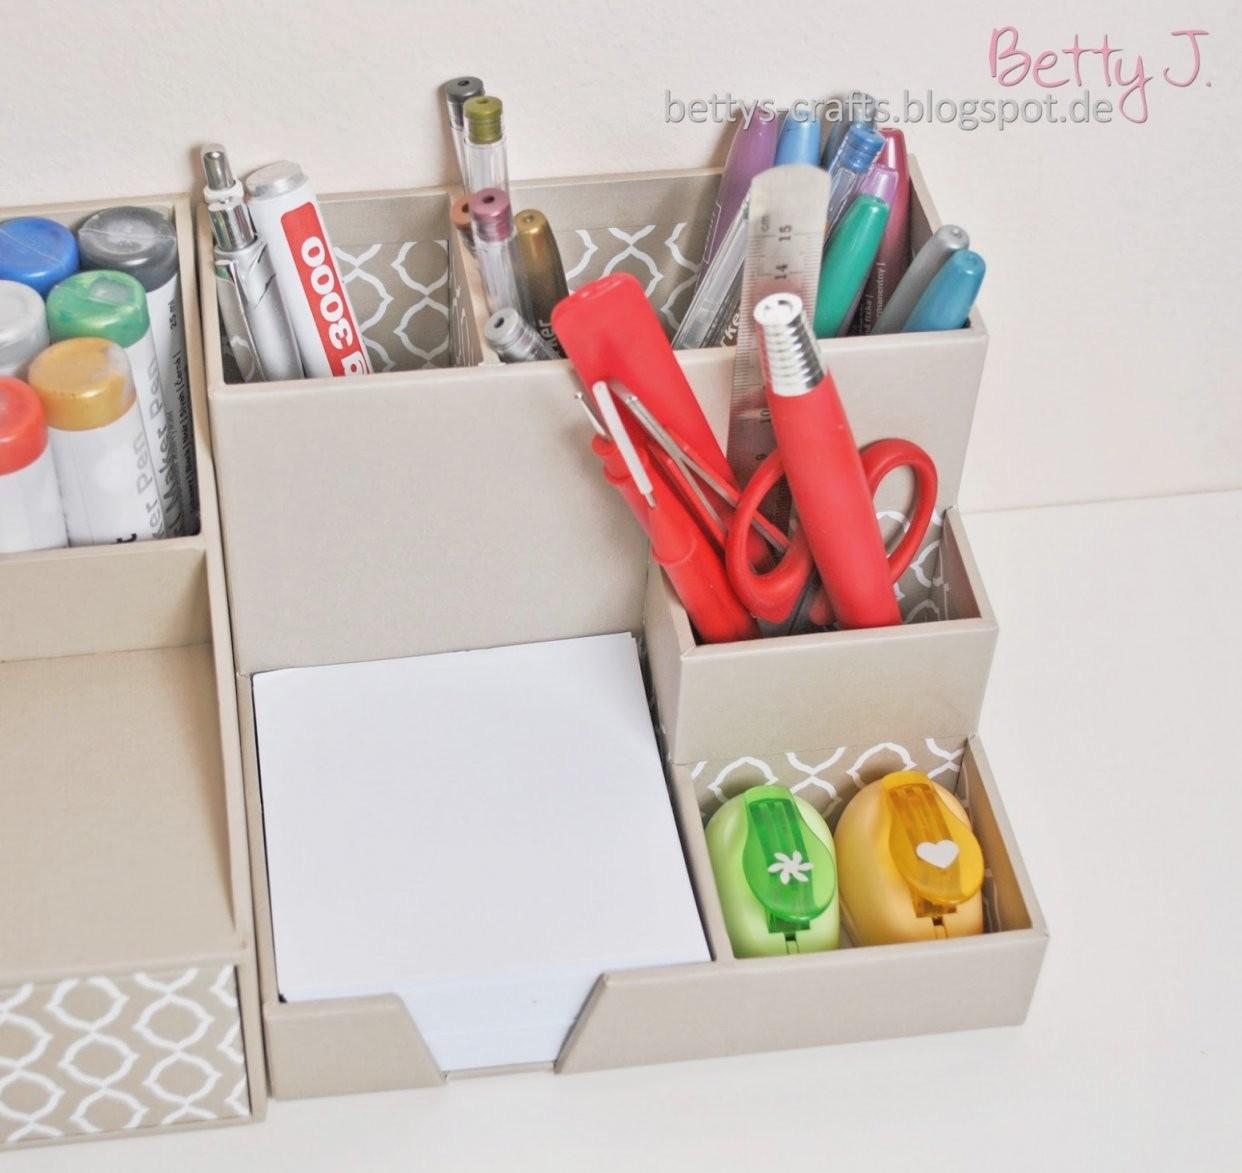 Schreibtisch Organizer Selber Machen – Schreibtisch Organizer Selber von Schreibtisch Organizer Selber Machen Photo